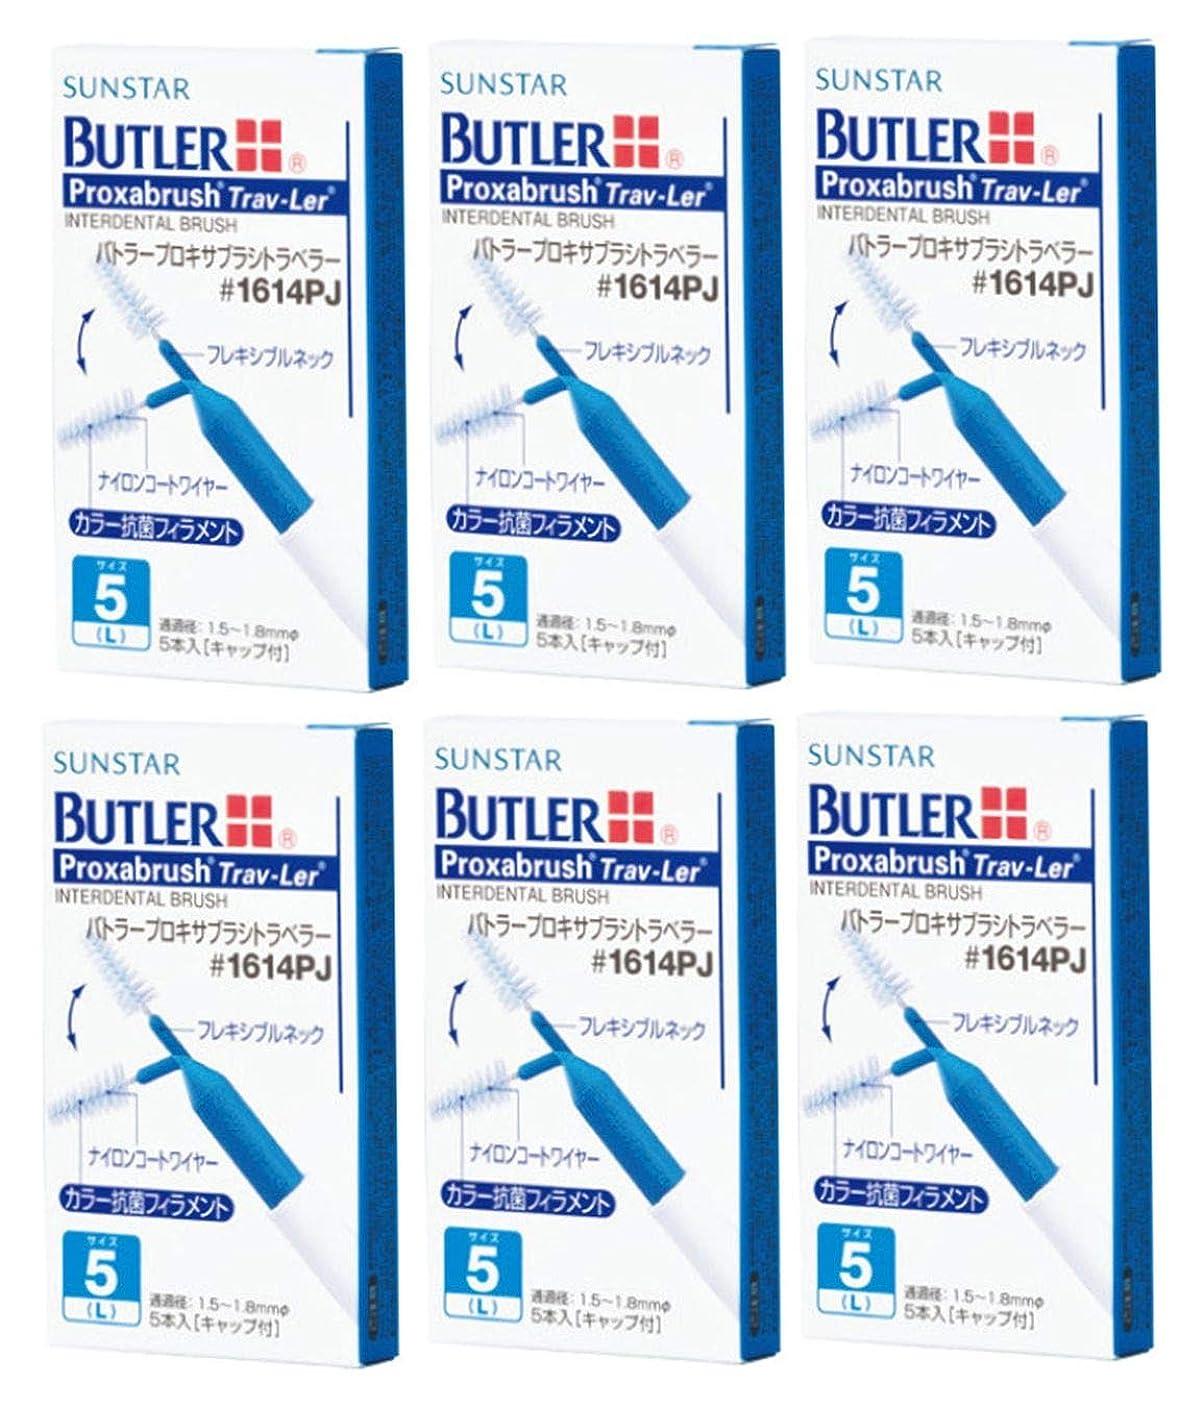 アーティファクト悲鳴バーガーサンスター バトラー プロキサブラシトラベラー#1614PJ 1箱(5本入り) L(ブルー) × 6箱